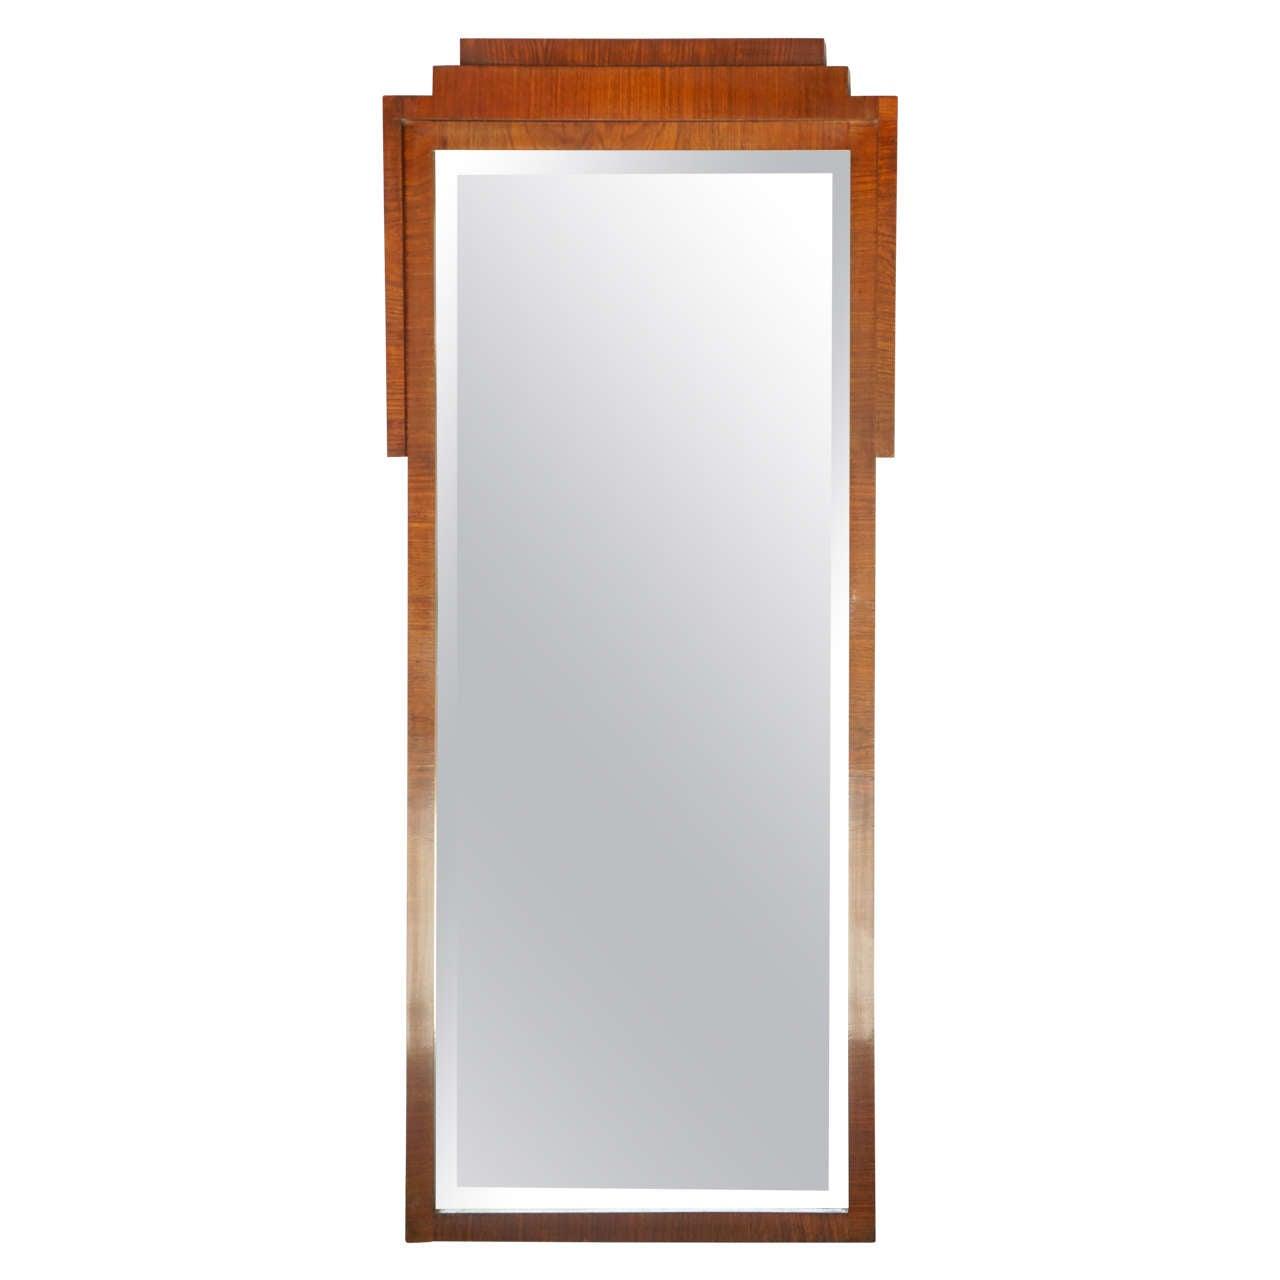 Period Walnut French Art Deco Pier Mirror